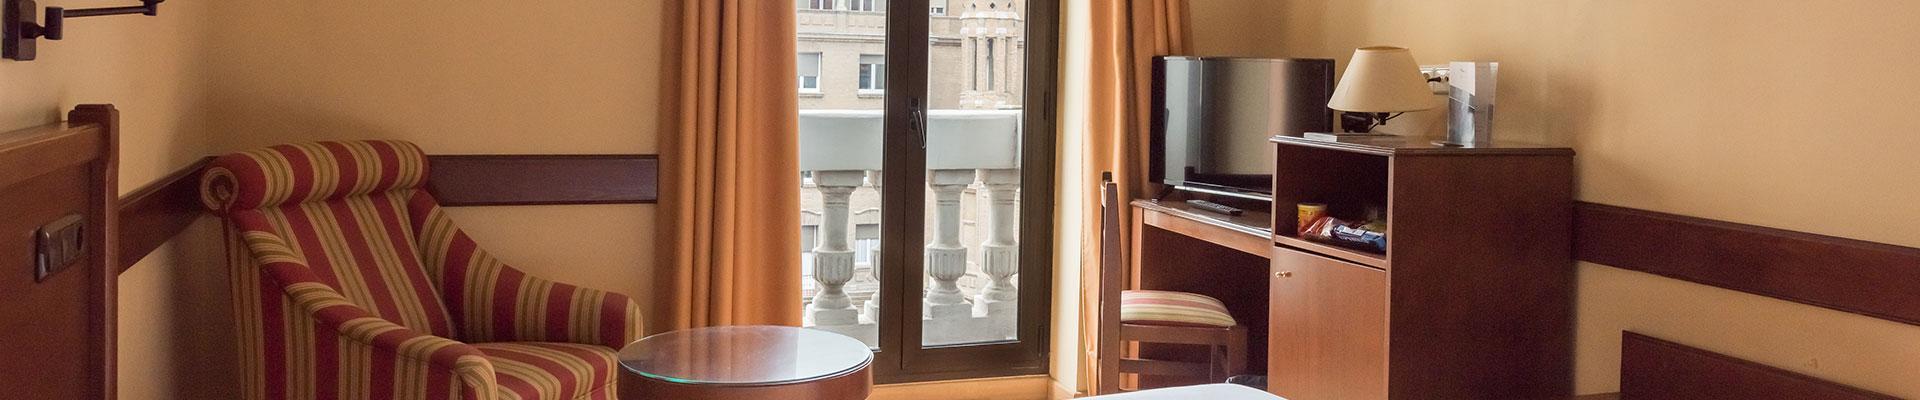 Hotel in the center of Zaragoza: Rooms